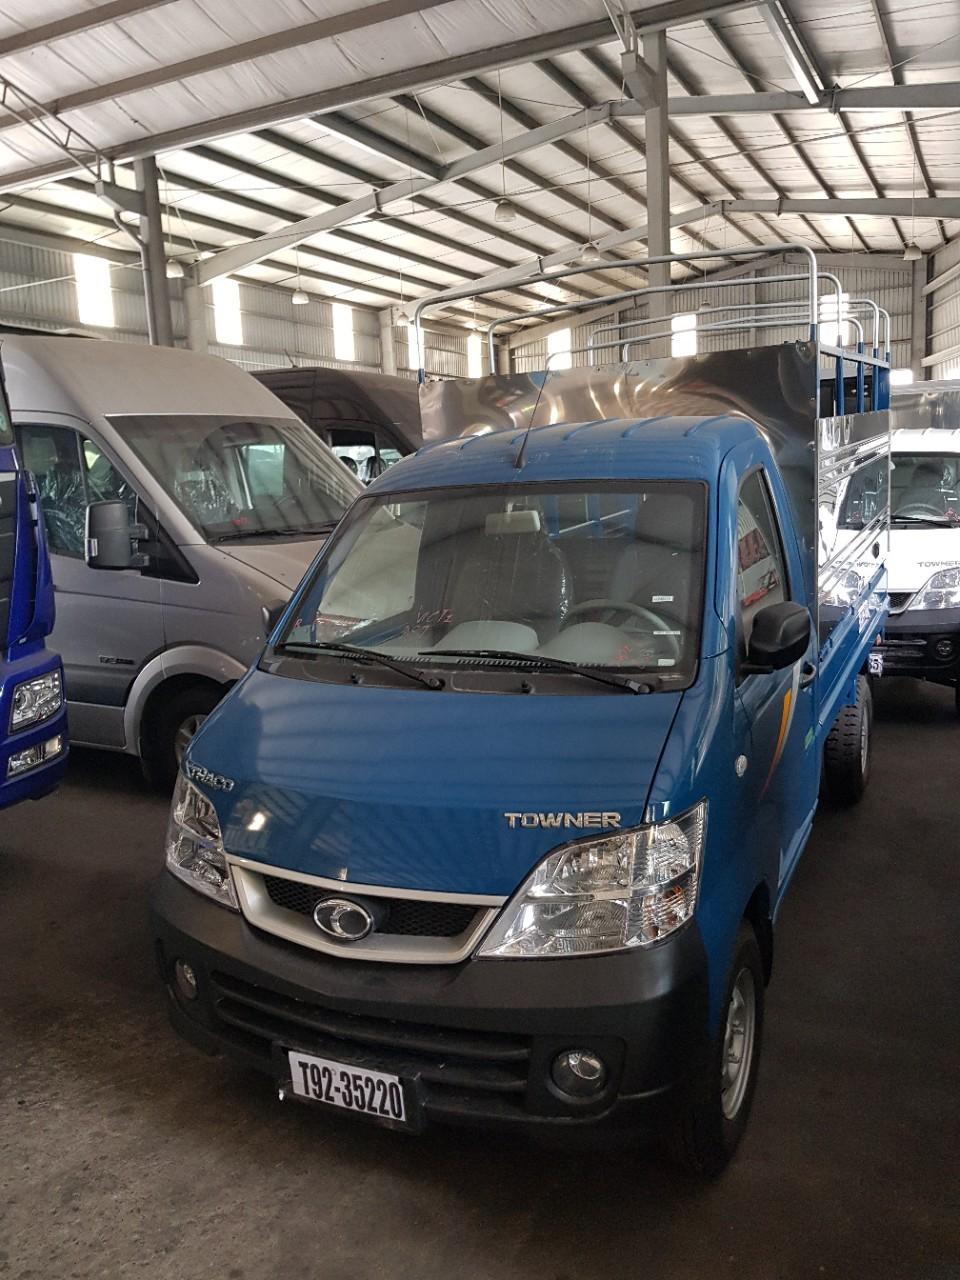 Xe tải towner 990 tải 990kg mua trả góp. xe tải towner 990 động cơ Suzuki TRẢ GÓP 80%. Ảnh số 41945213